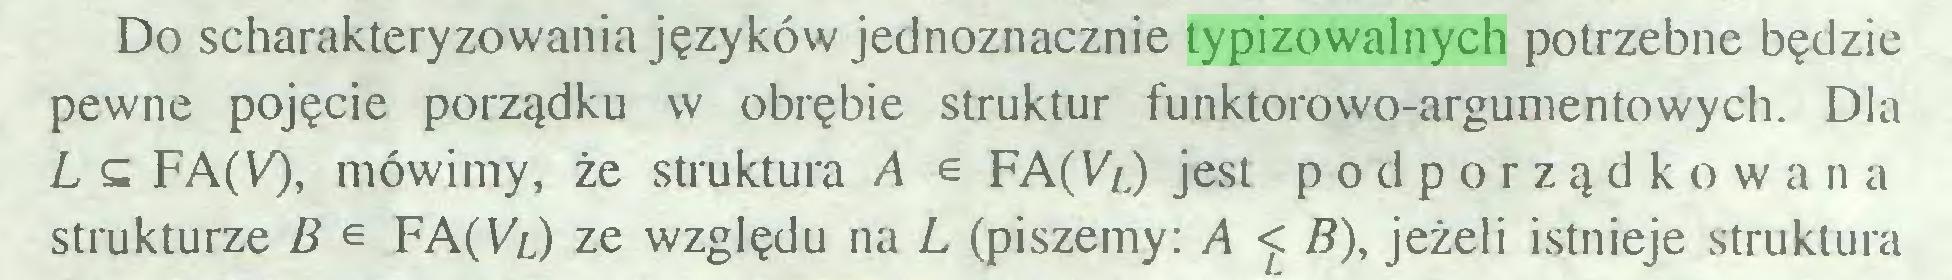 (...) Do scharakteryzowania języków jednoznacznie typizowalnych potrzebne będzie pewne pojęcie porządku w obrębie struktur funktorowo-argumentowych. Dla L £ FA(V), mówimy, że struktura A e FA (Vl) jest podporządkowana strukturze B e FA(VT) ze względu na L (piszemy: A <. B), jeżeli istnieje struktura...